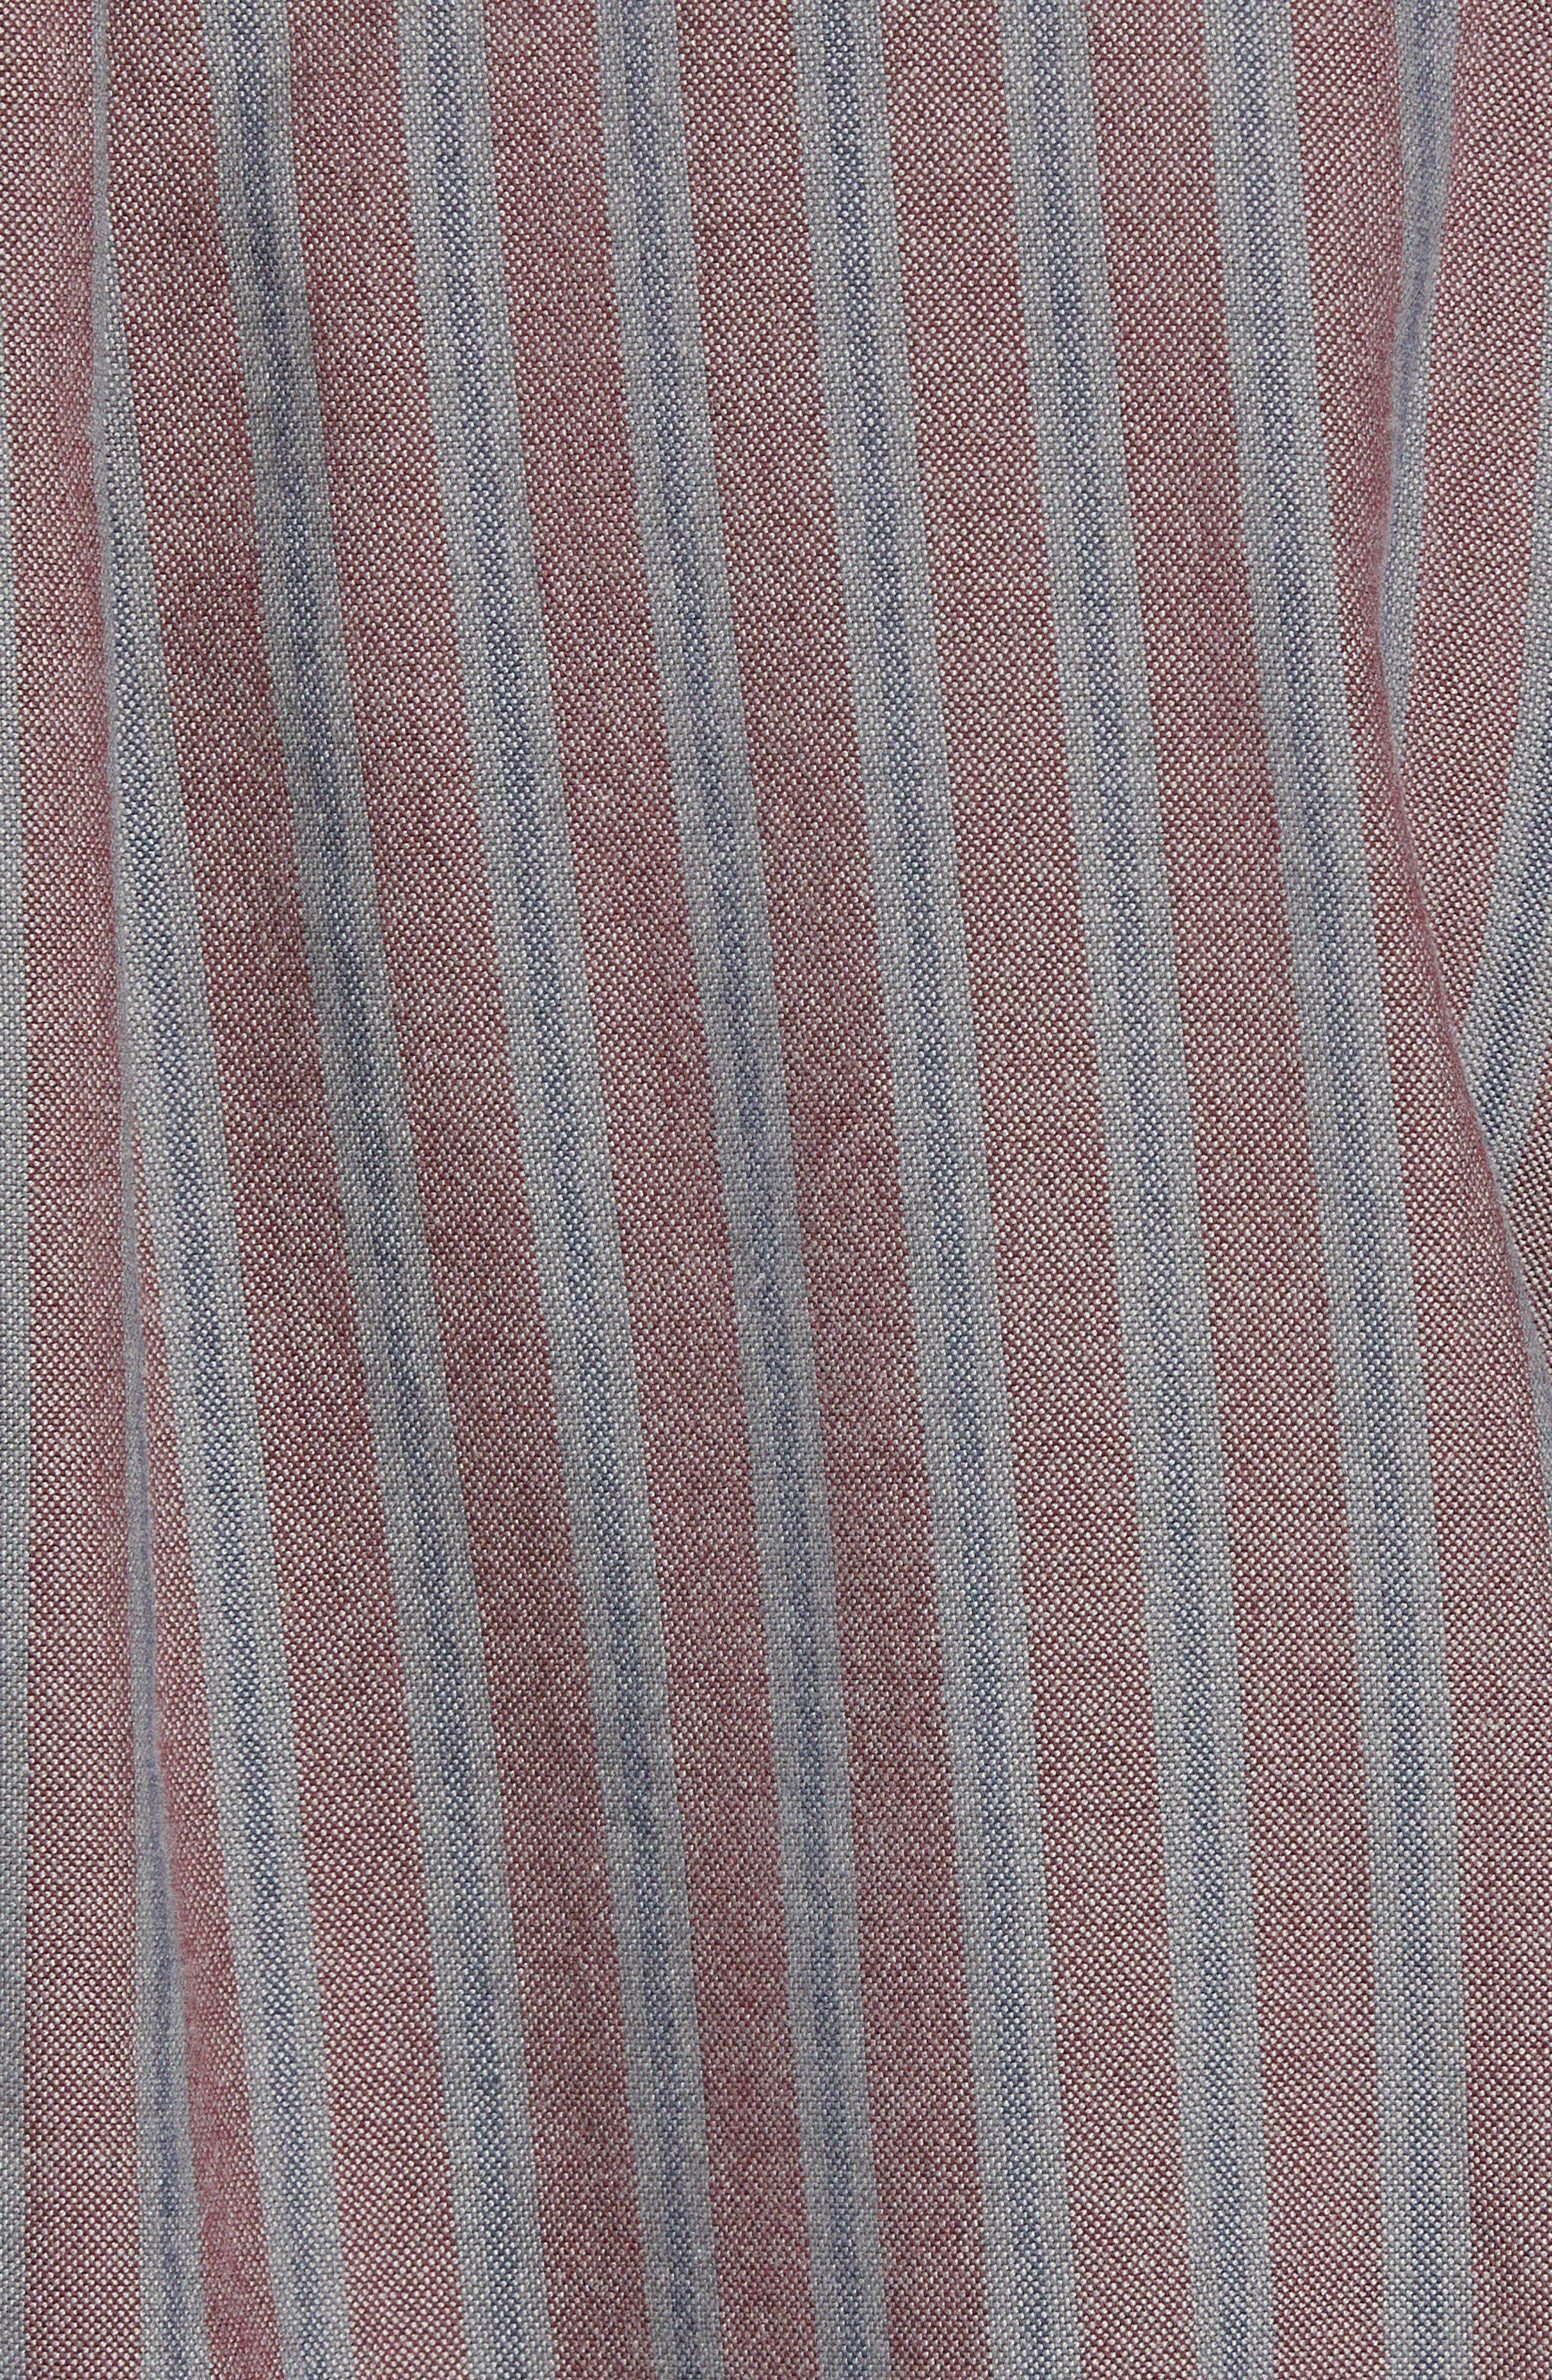 Houser Woven Shirt,                             Alternate thumbnail 5, color,                             PORT ROYALE STRIPE